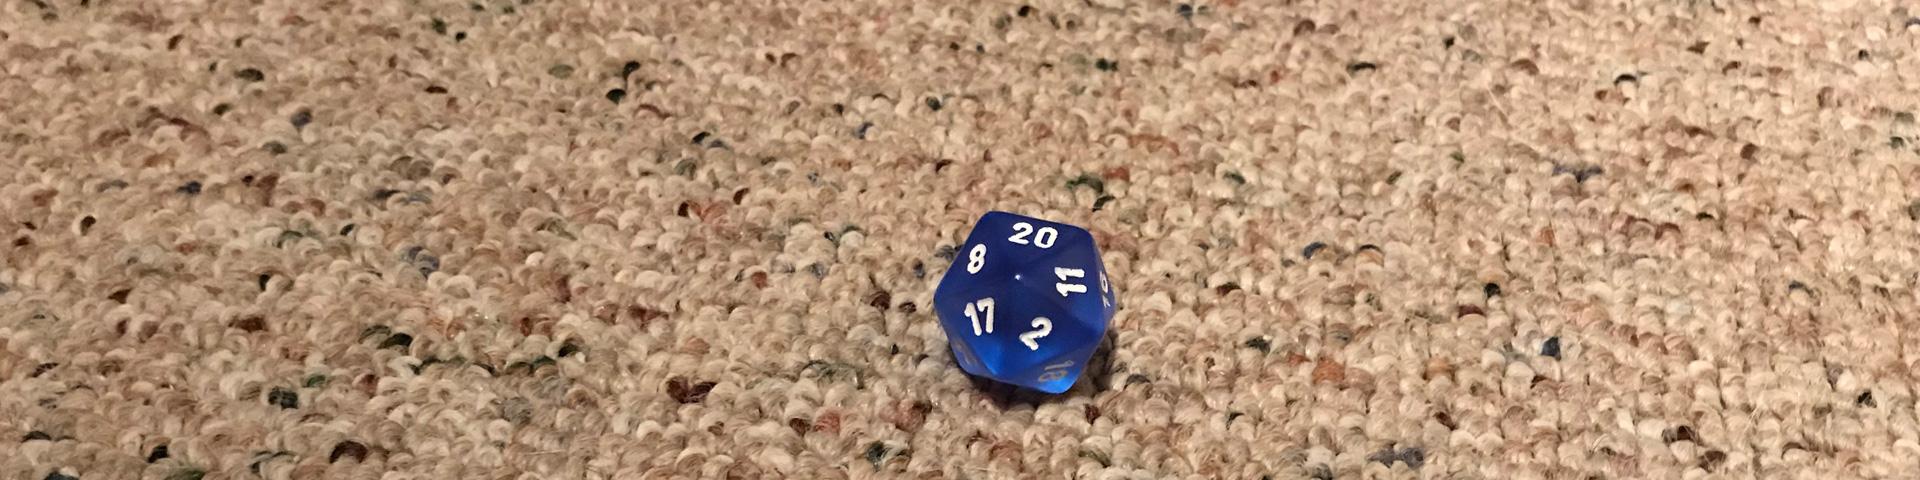 A single blue d20 rests on carpet.